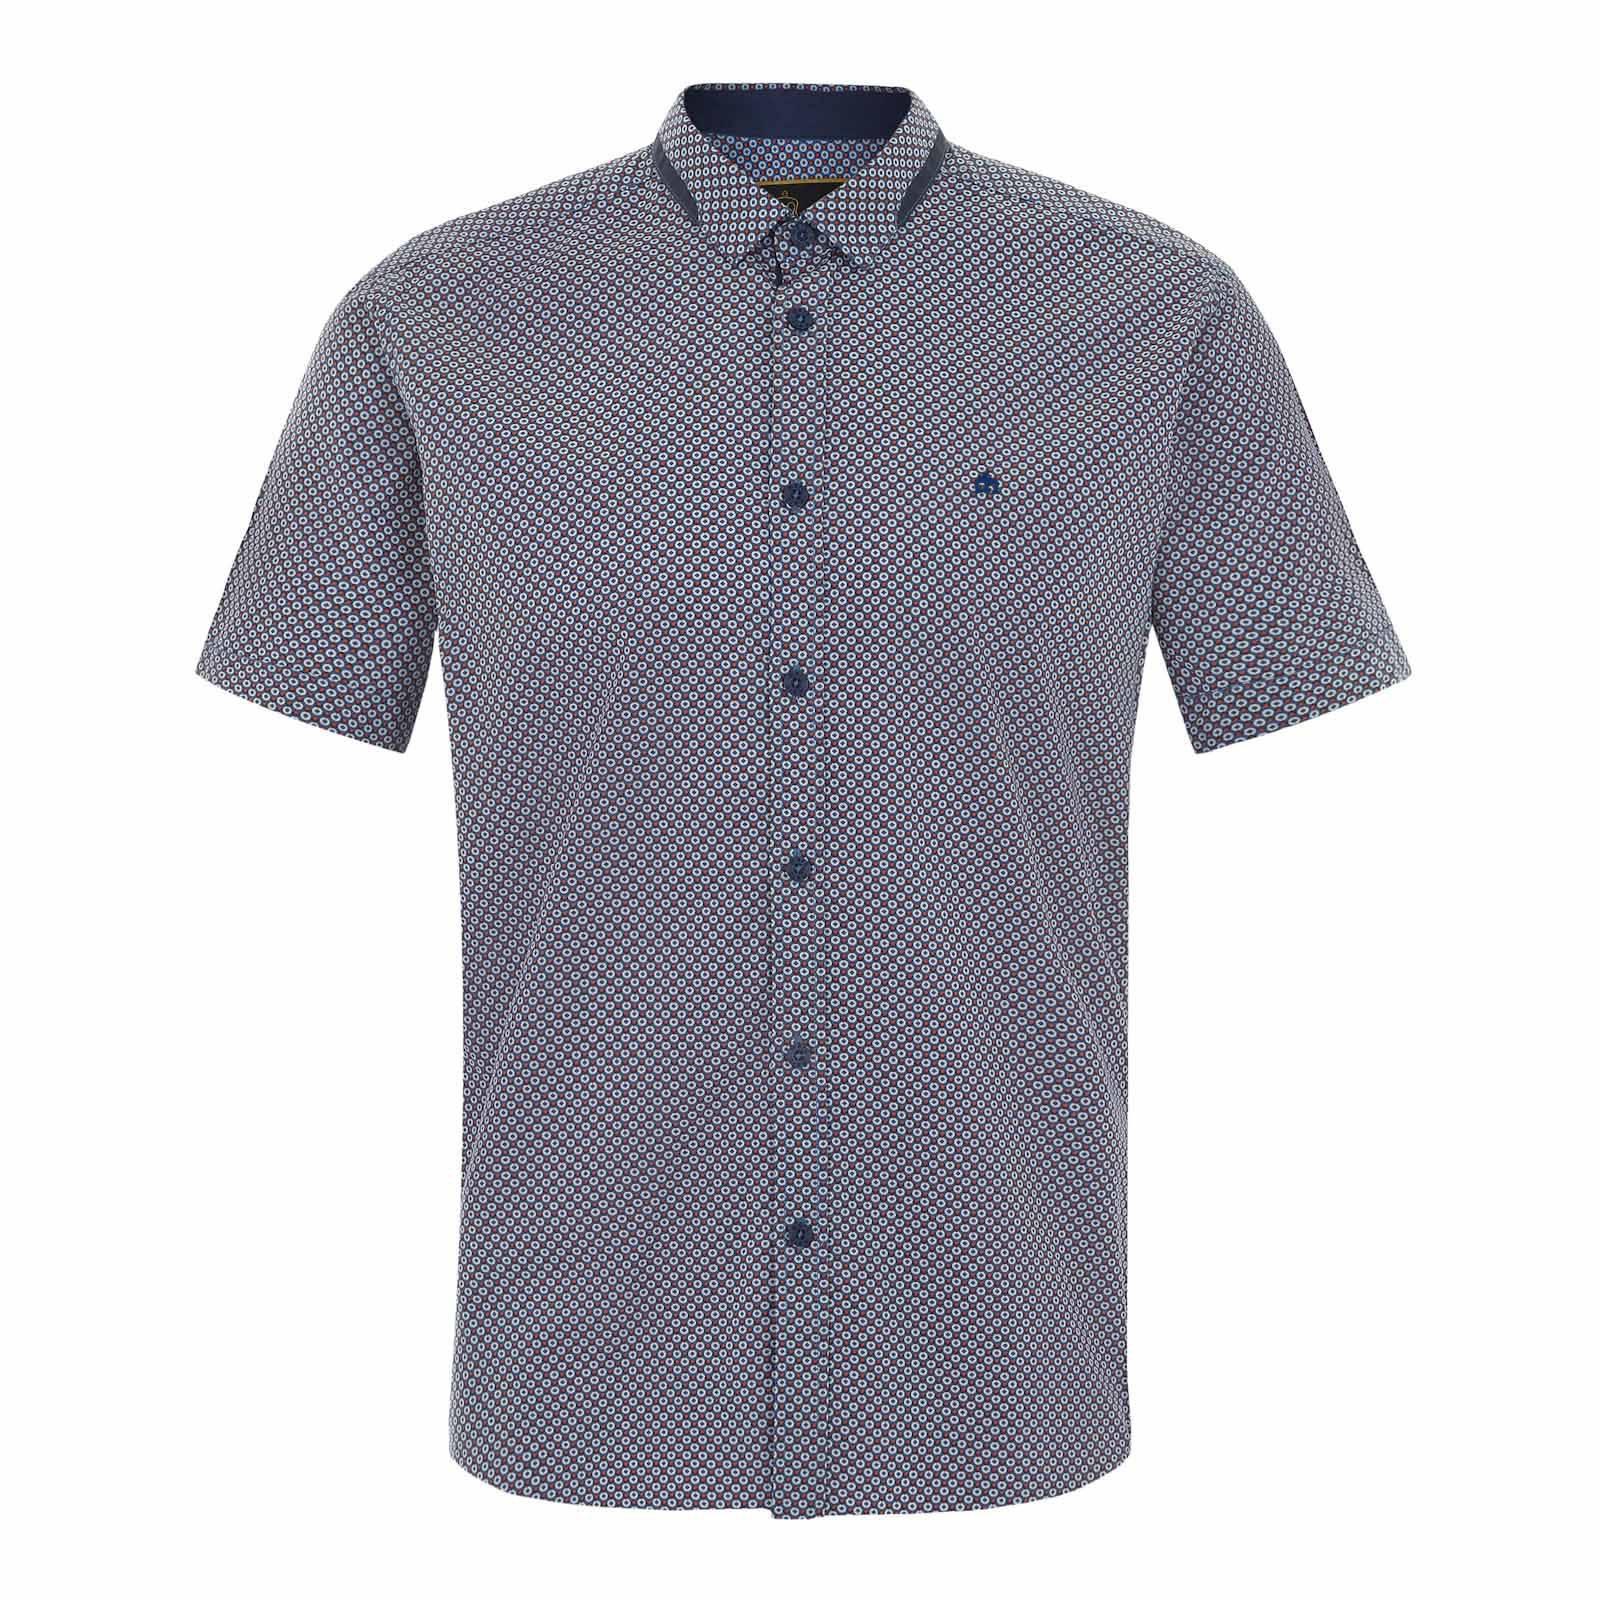 Рубашка DaytonaРубашки<br>Приталенная мужская рубашка с коротким рукавом из натуральной, высококачественной хлопковой ткани поплин с  мелким геометрическим принтом в духе психоделической волны Свингующих Шестидесятых. Декорирована контрастной, в тон пуговиц, отделкой по нижнему краю классического воротника Кент, а также логотипом Корона, вышитым на груди слева.  Эту рубашку можно носить как в рамках формального дресс-кода вместе с обувью дерби, шерстяным базовым кардиганом и однотонными брюками Sta-Prest, так и в более свободном луке - в сочетании с чиносами, шортами и лоферами.<br><br>Артикул: 1515101<br>Материал: 100% хлопок<br>Цвет: синий<br>Пол: Мужской